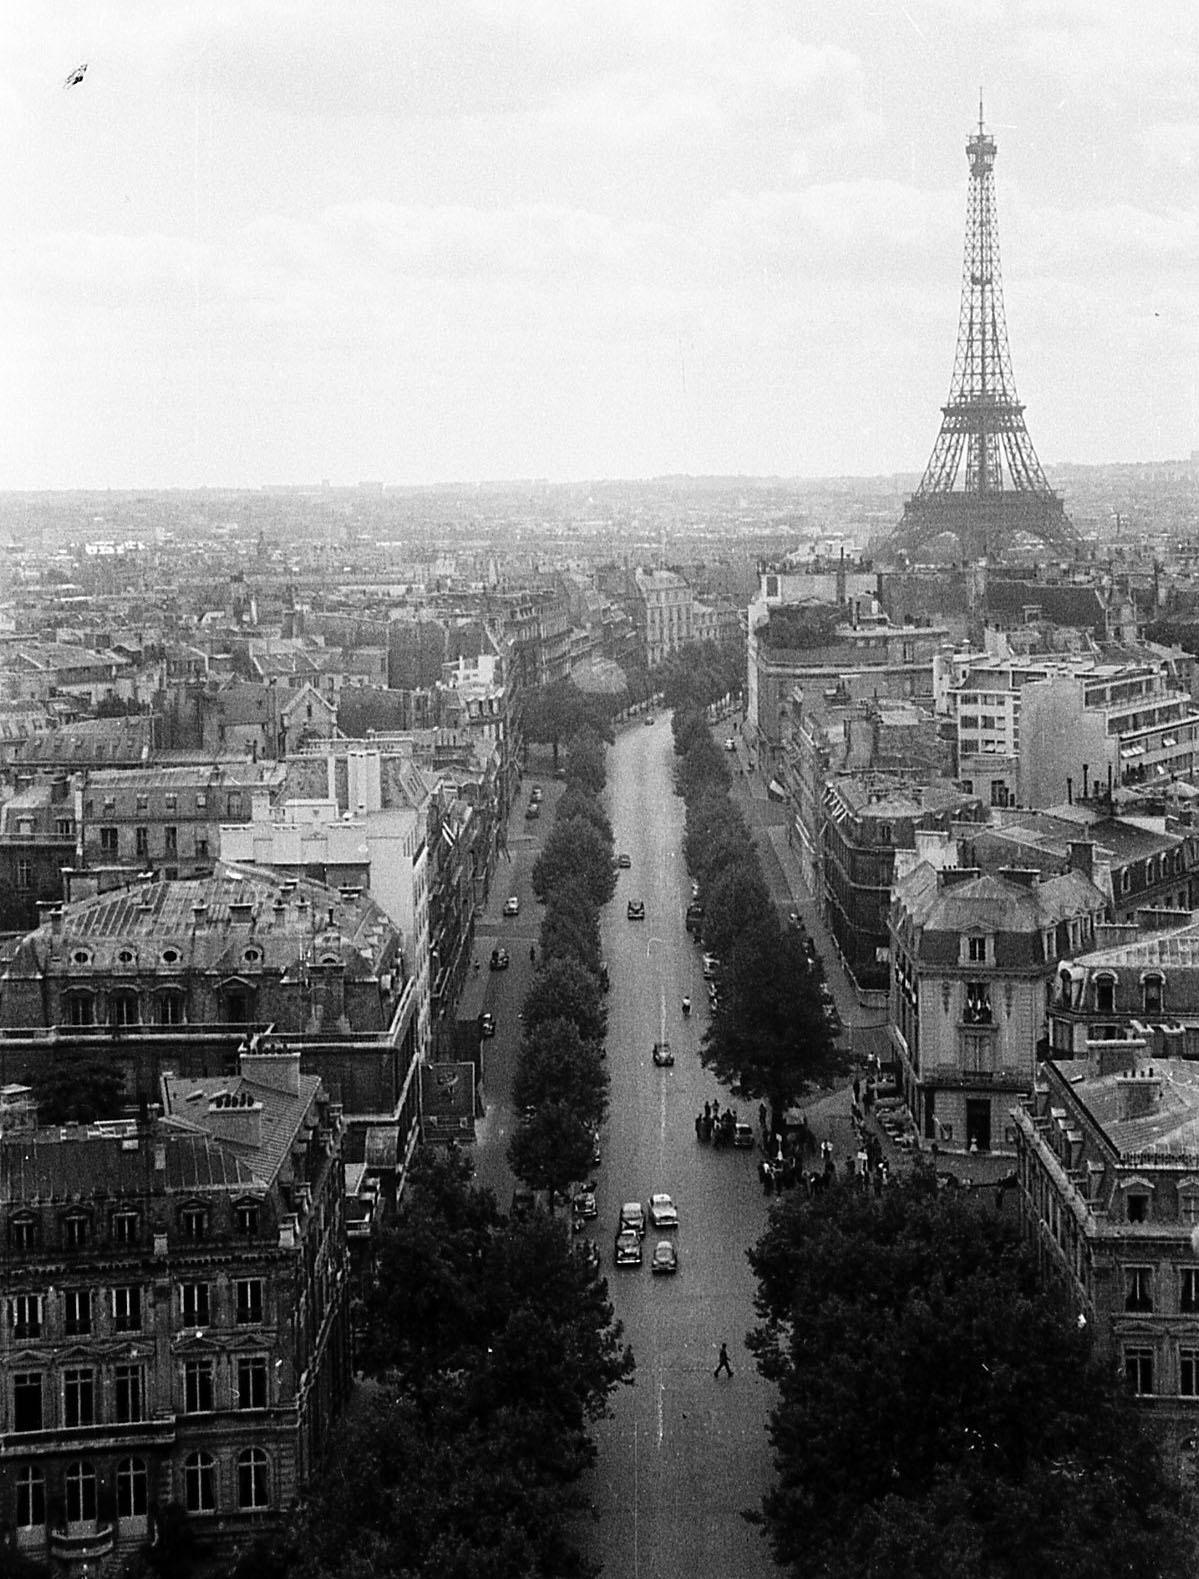 22 августа 1965 года из Парижа неожиданно пришло сообщение, в котором говорилось, что Бернар тяжело болен.